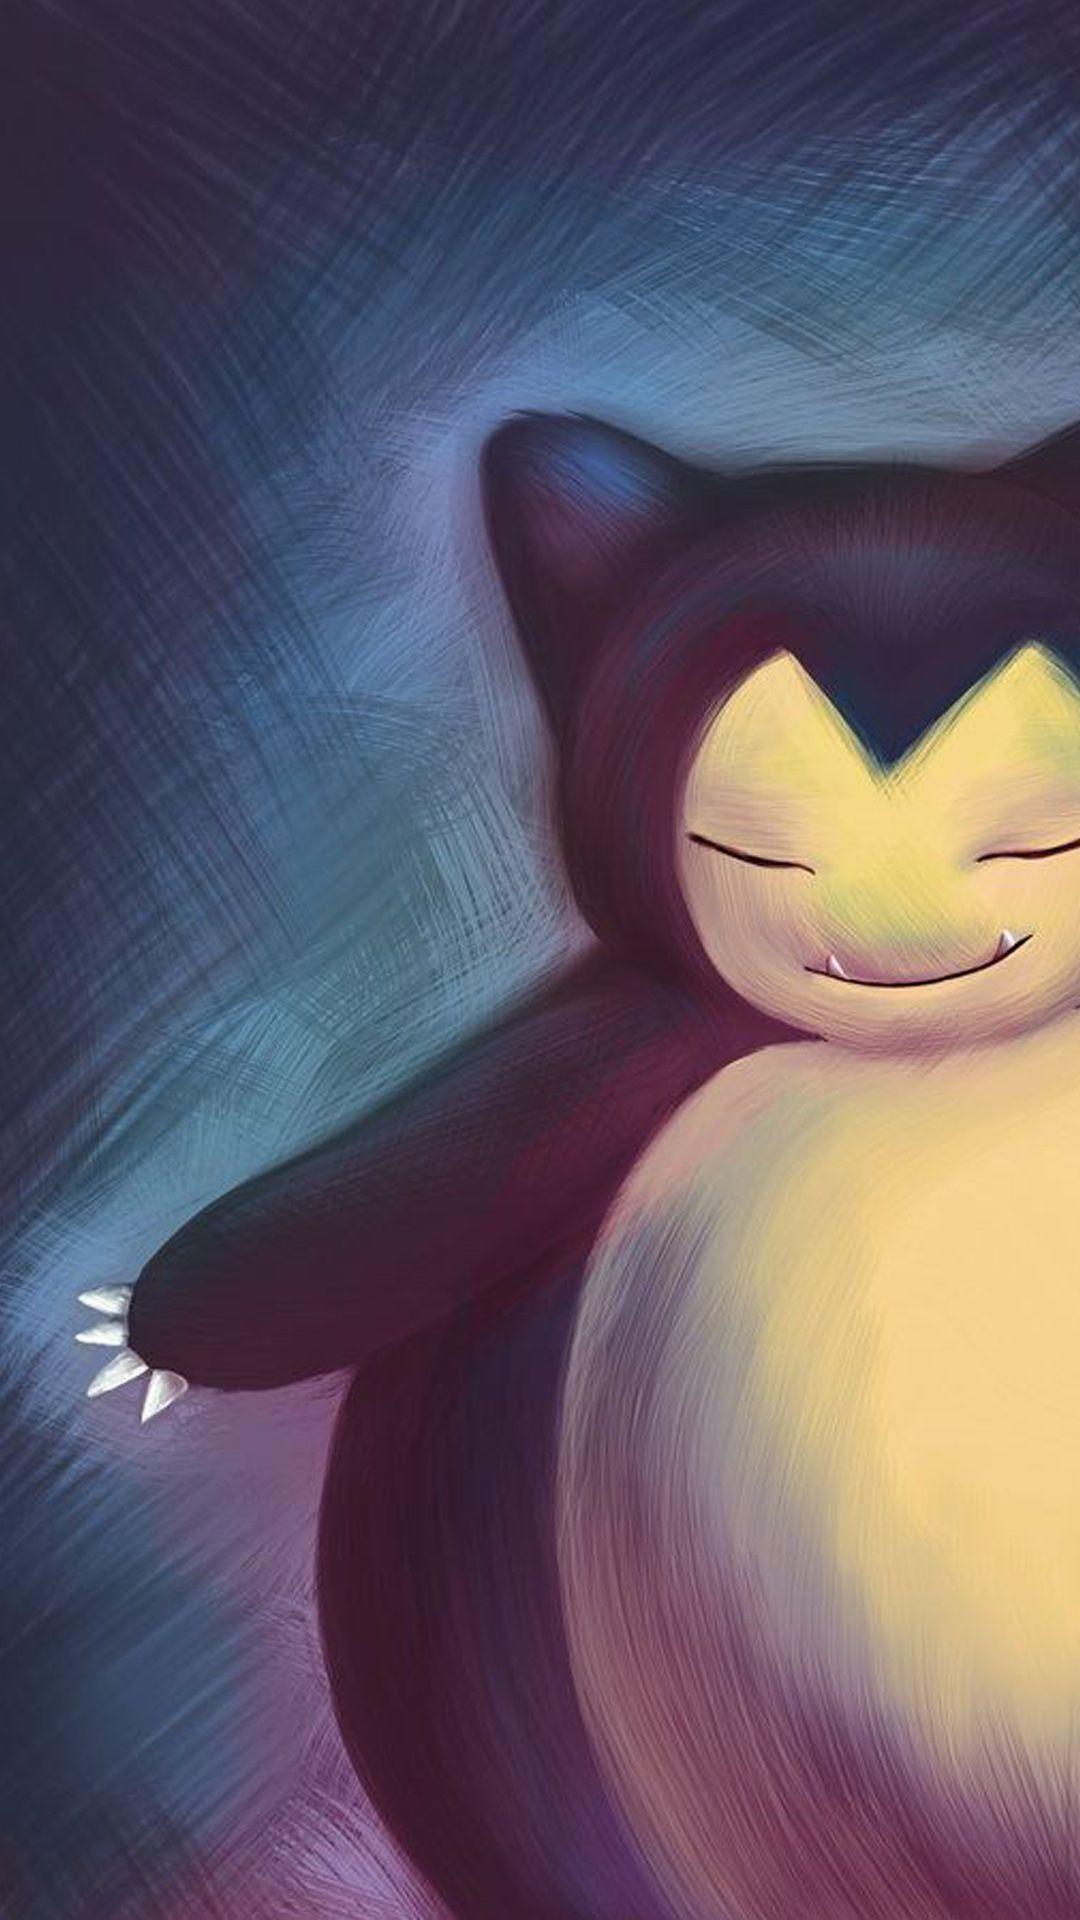 Pokemon Cool screen wallpaper